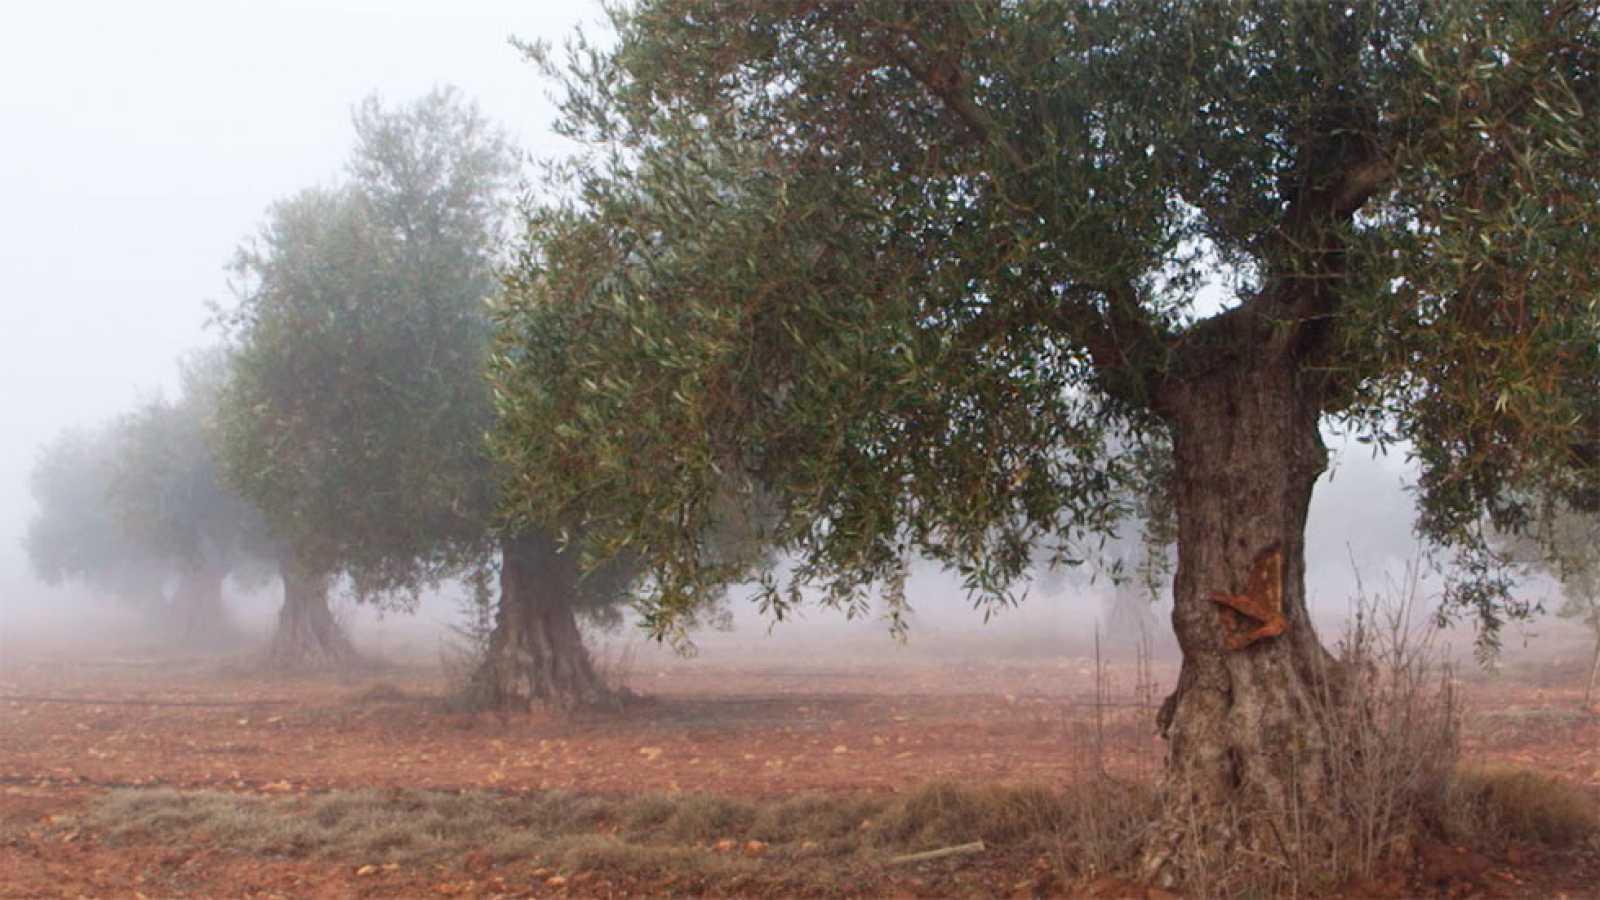 Red Natura 2000 - La Albufera de Valencia, La laguna de el Taray Y Áreas esteparias de Campo de Montiel - Avance